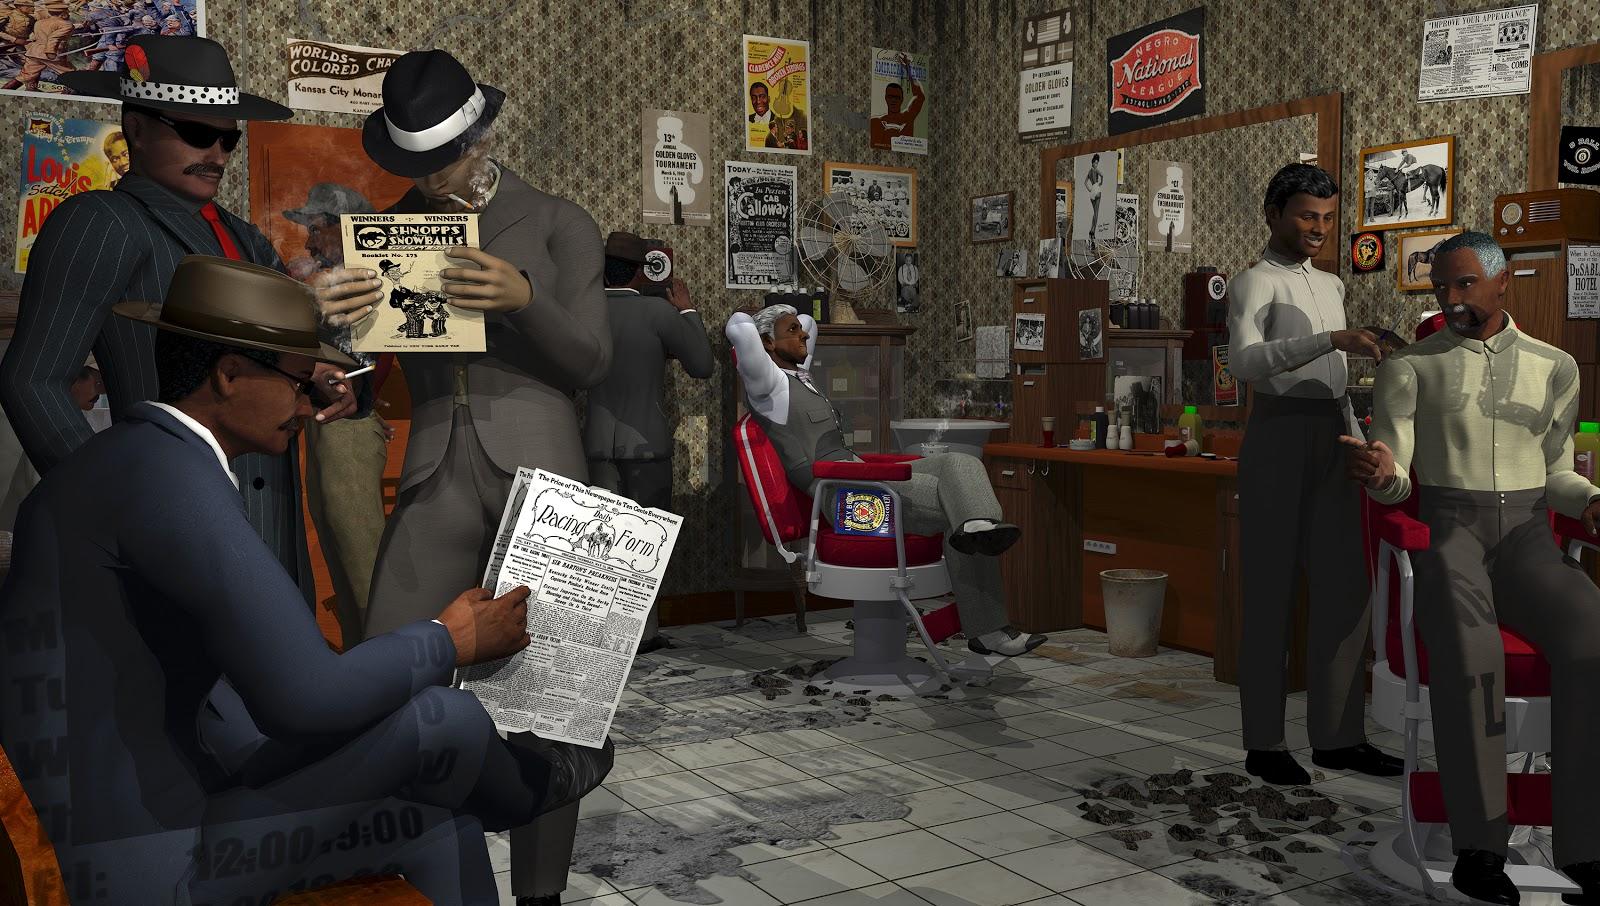 Top Notch Barber Shop